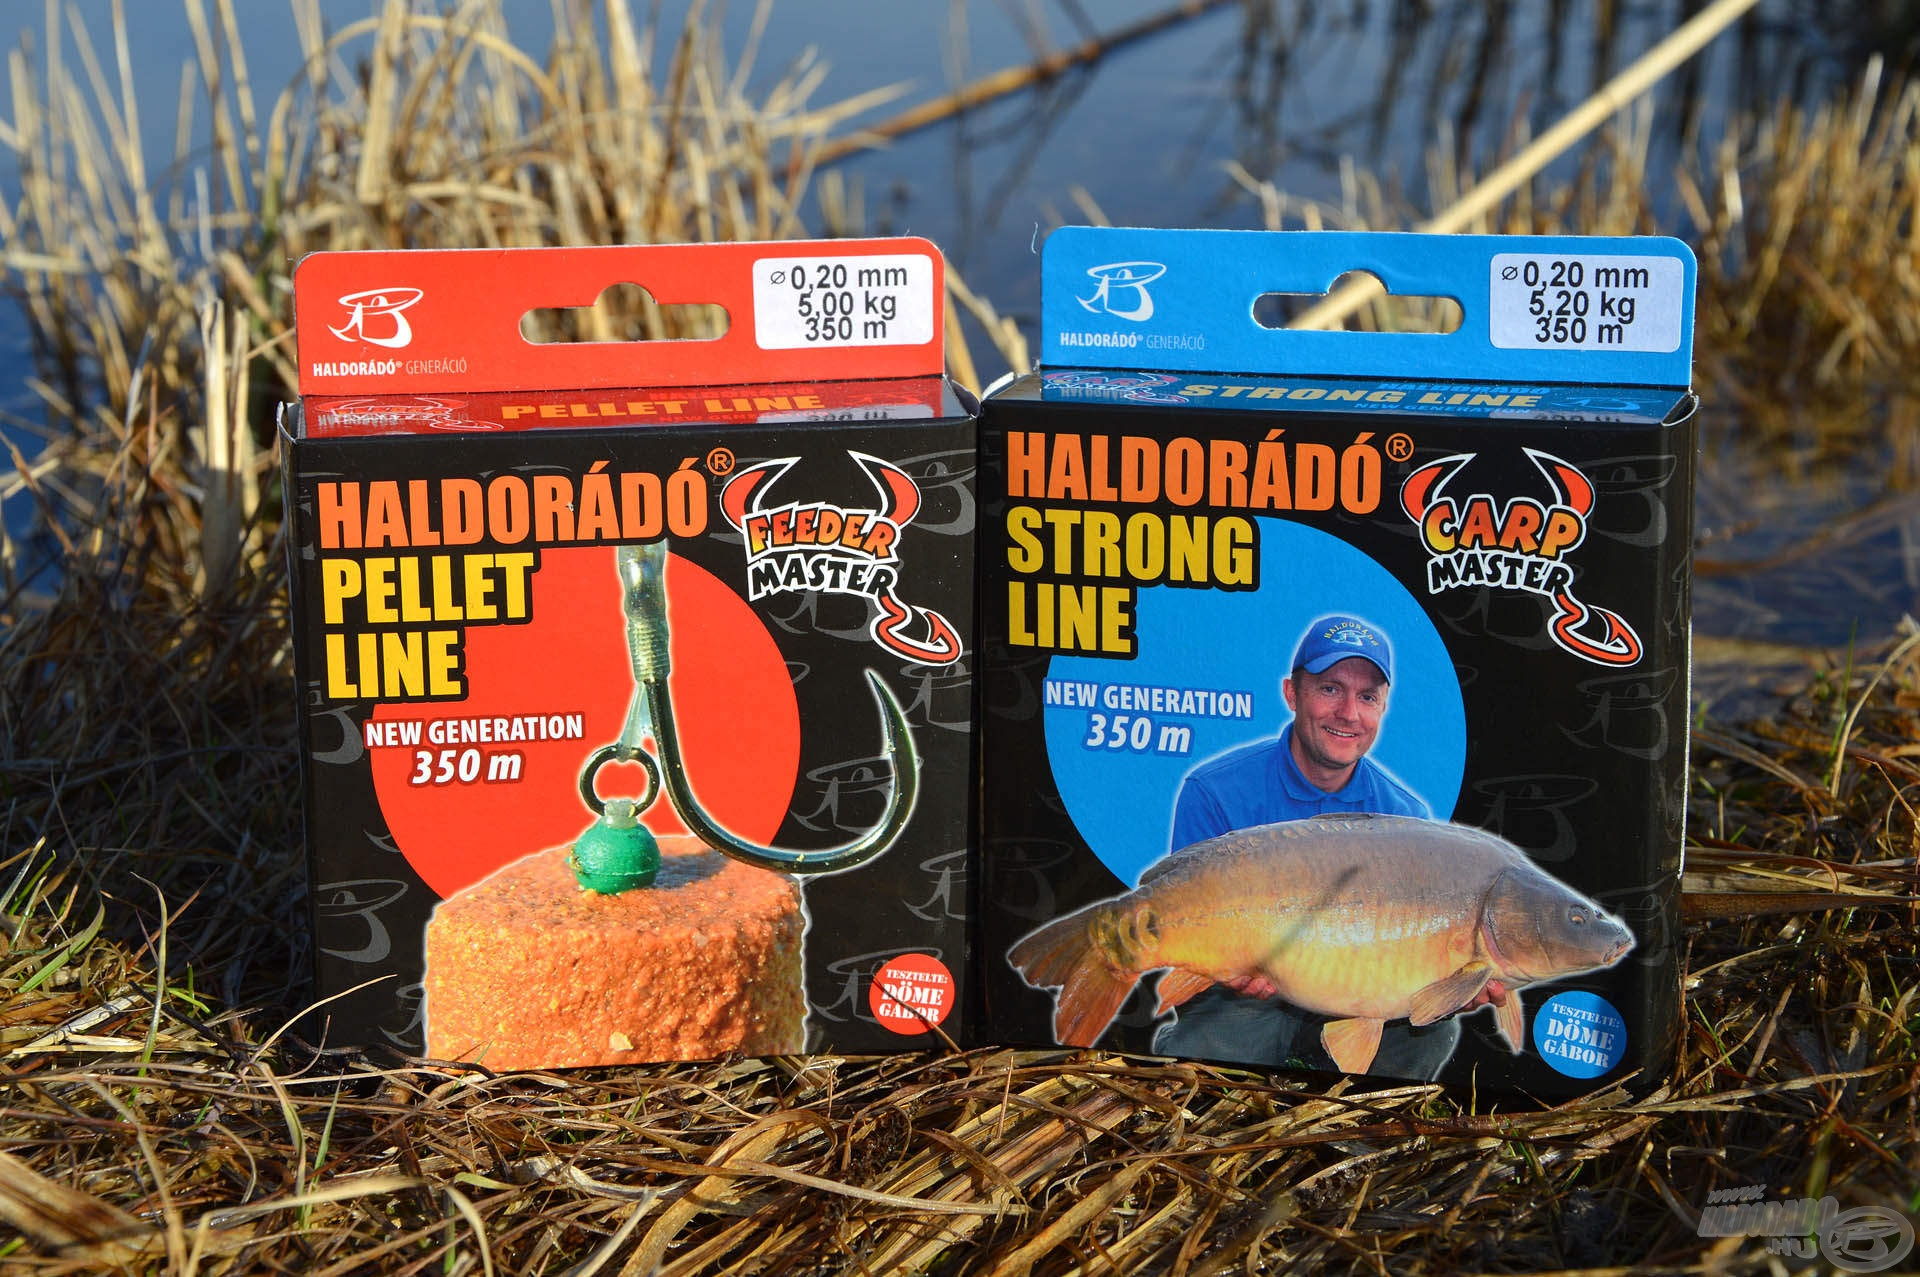 A Pellet és Strong Line zsinórok hosszú évek óta nyújtanak segítséget a horgászoknak feederbotos vagy akár akadós terepen végzett horgászataikon is